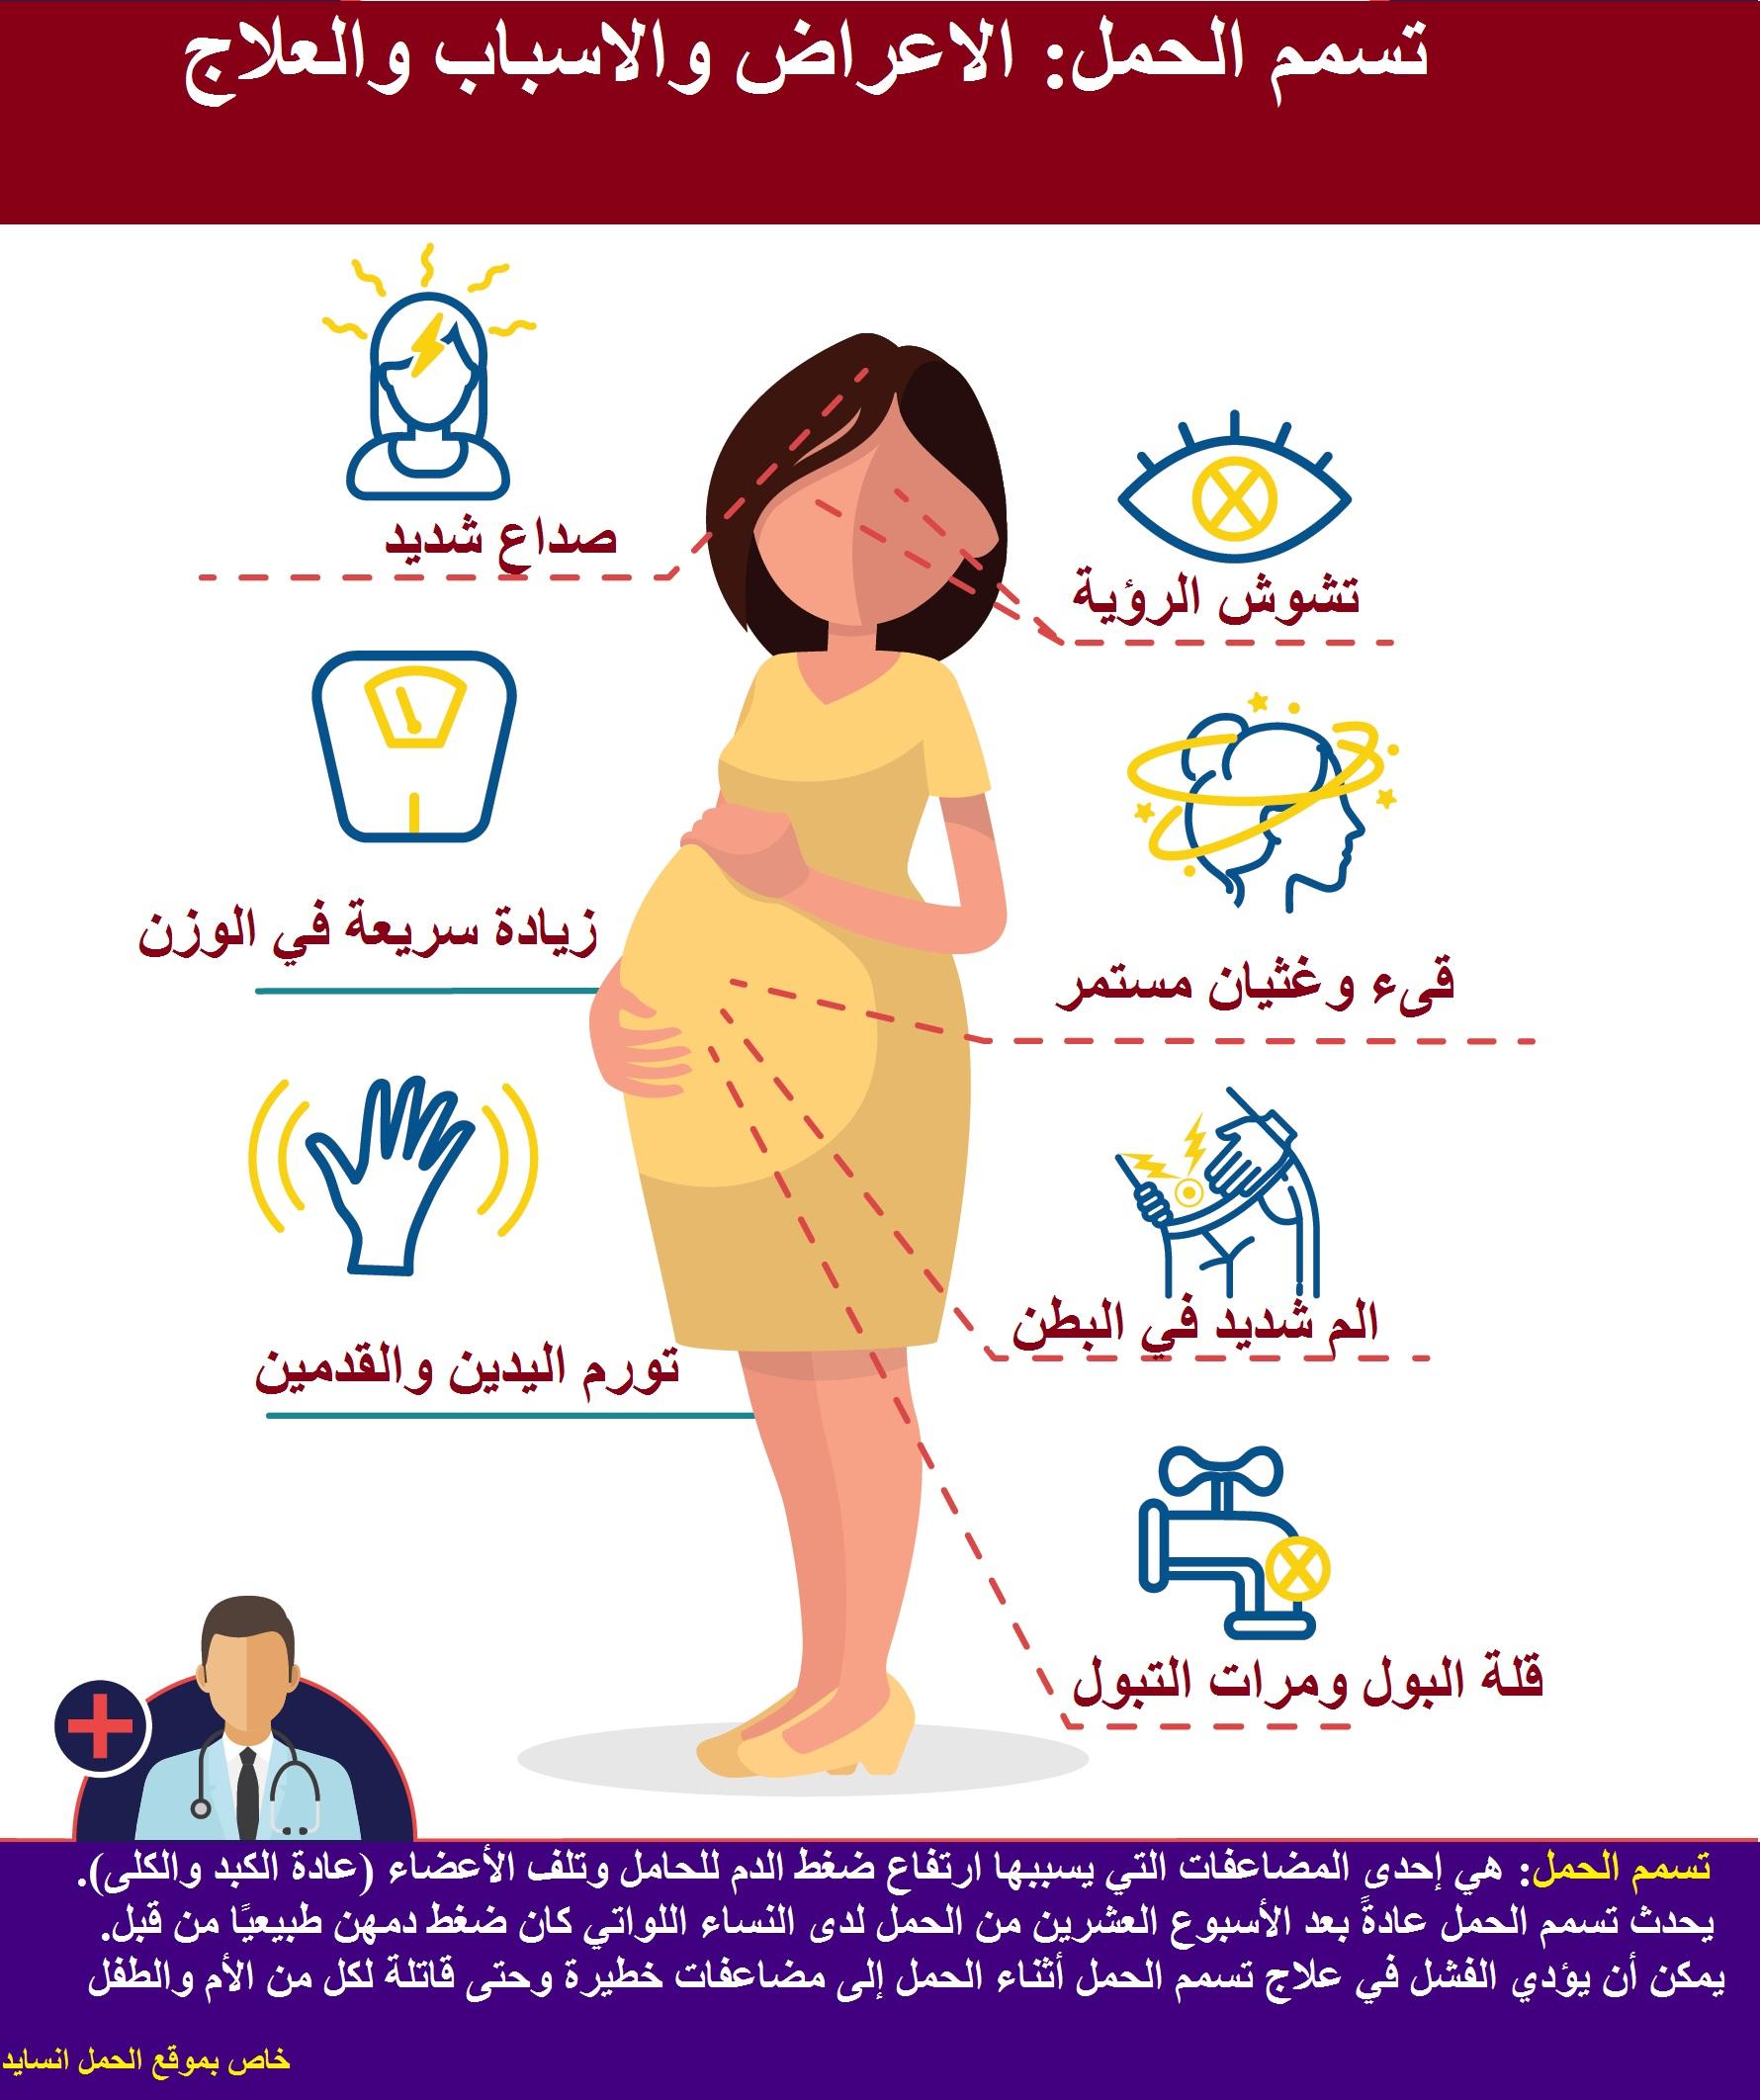 اسباب تسمم الحمل و اعراض تسمم الحمل بعد الاسبوع العشرين